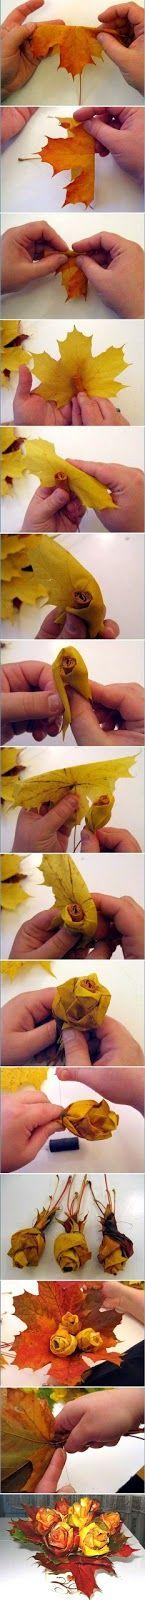 El Rincón Vintage de Karmela: 15 DIY's perfectos para utilizar lo que la naturaleza deshecha: las hojas otoñales.